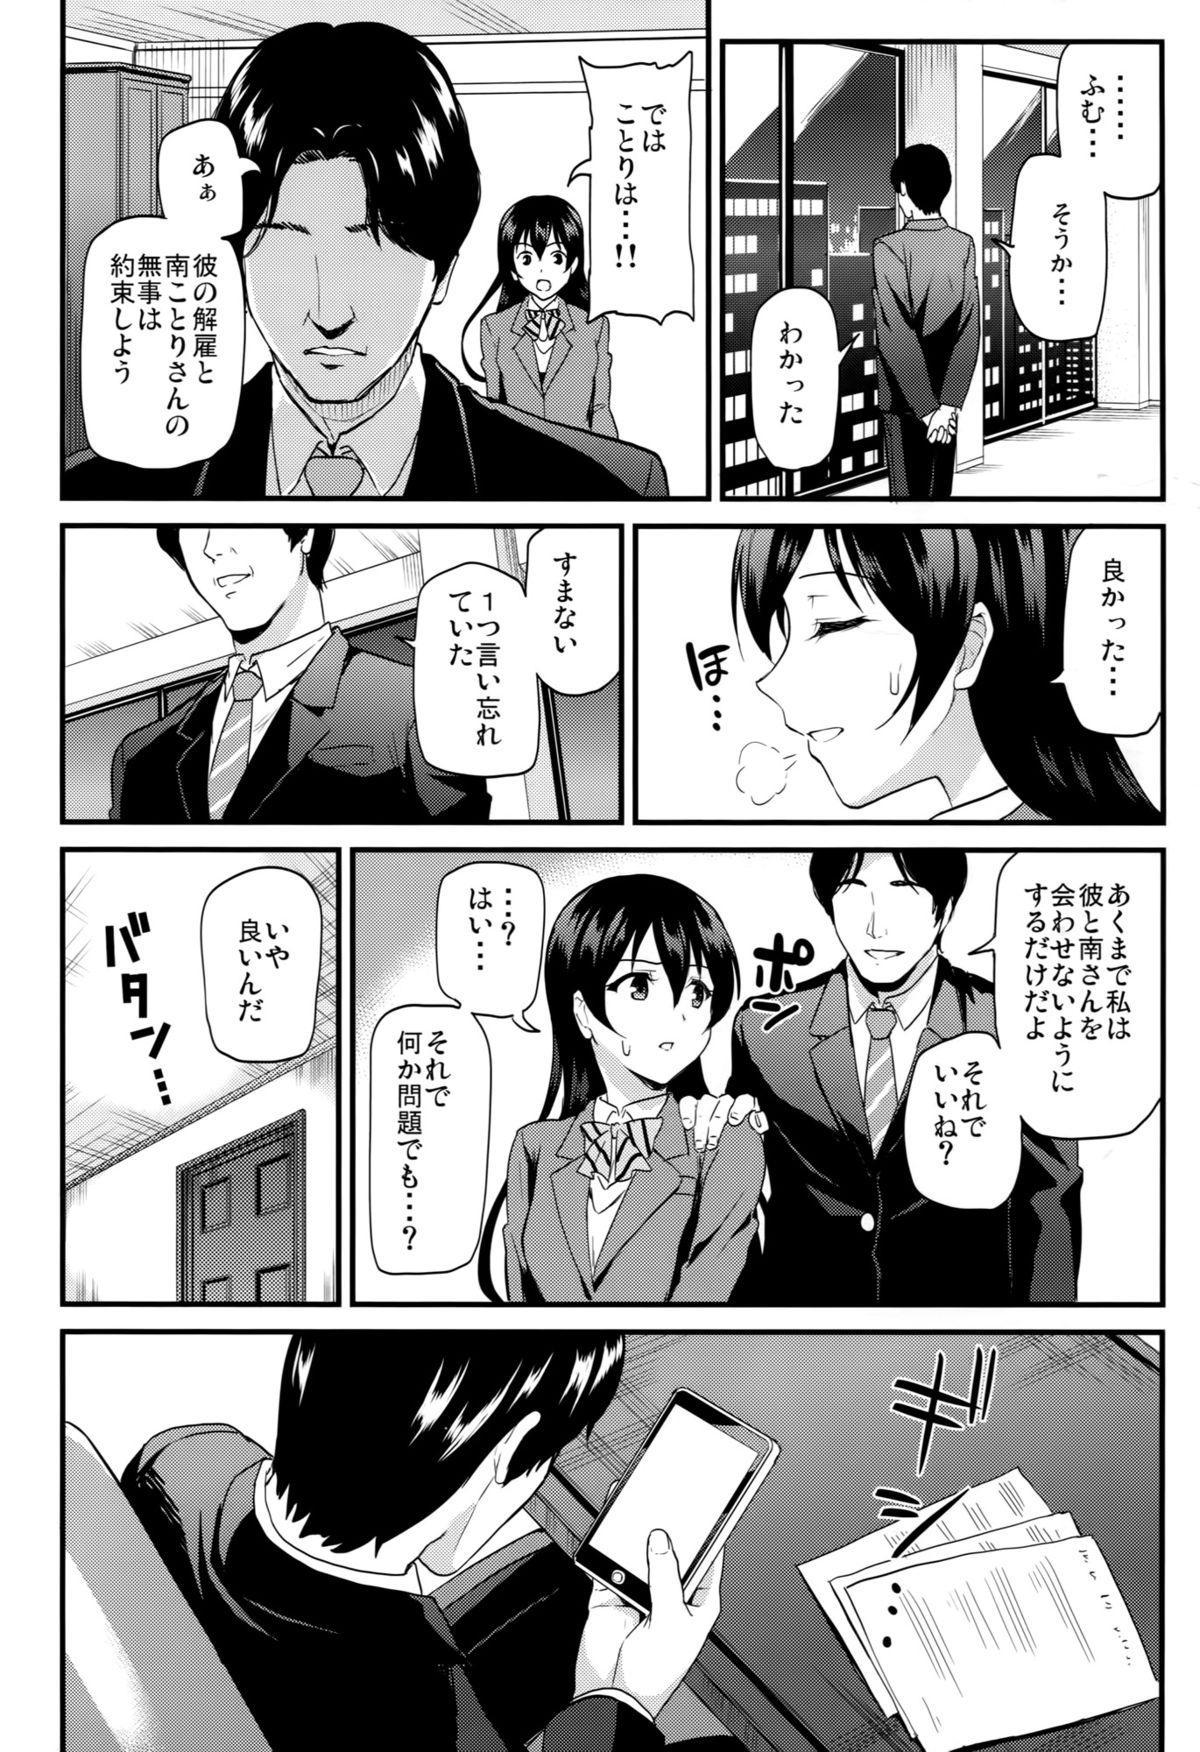 Kotori no Okage 29